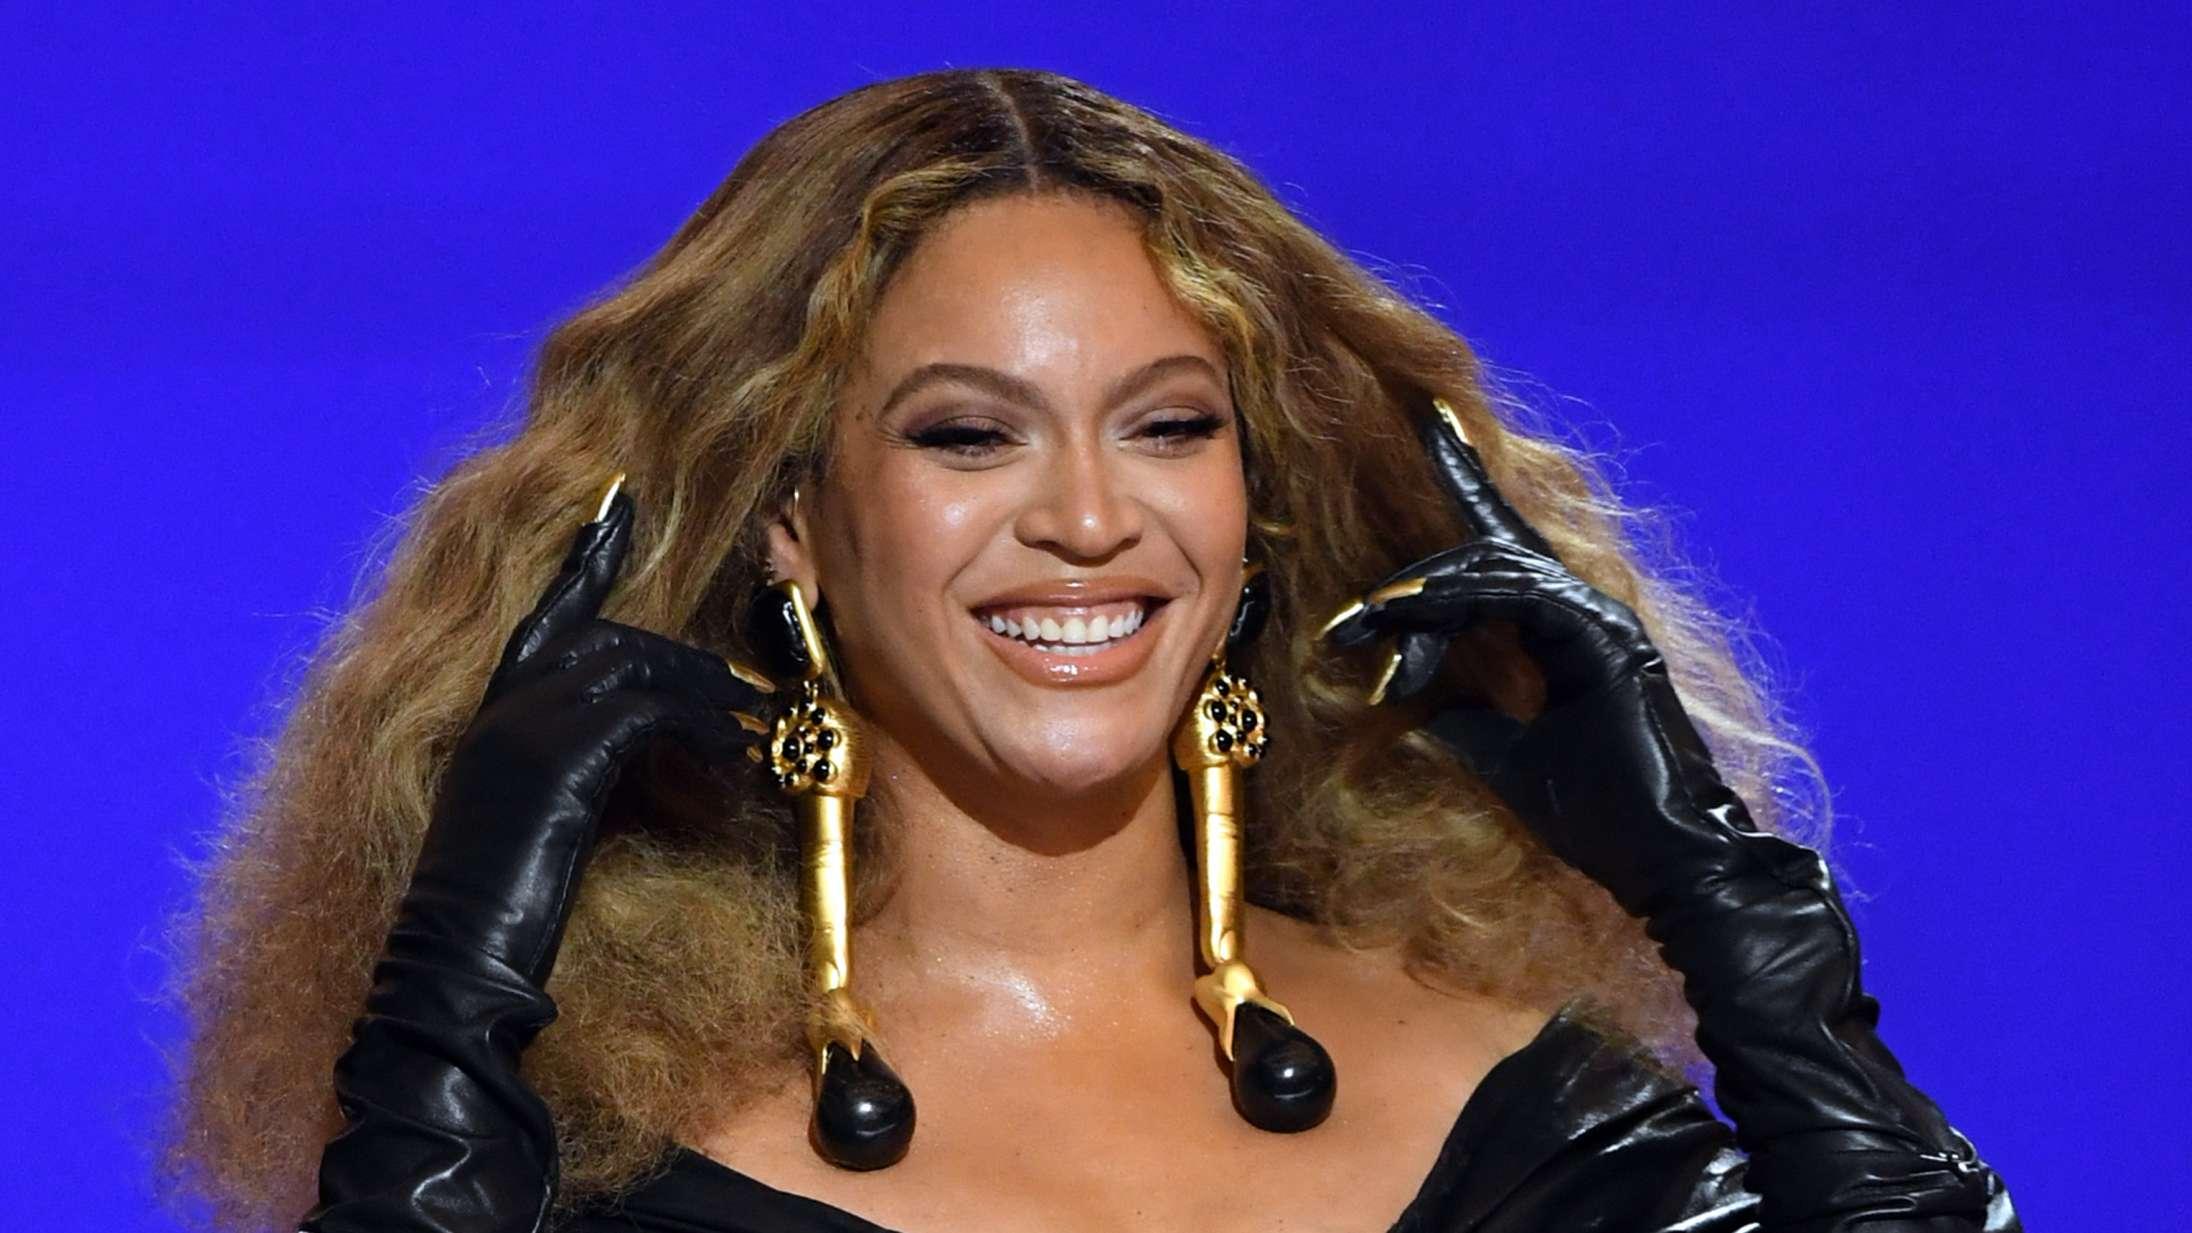 Efter prisregn: Beyoncé slår historisk Grammy-rekord